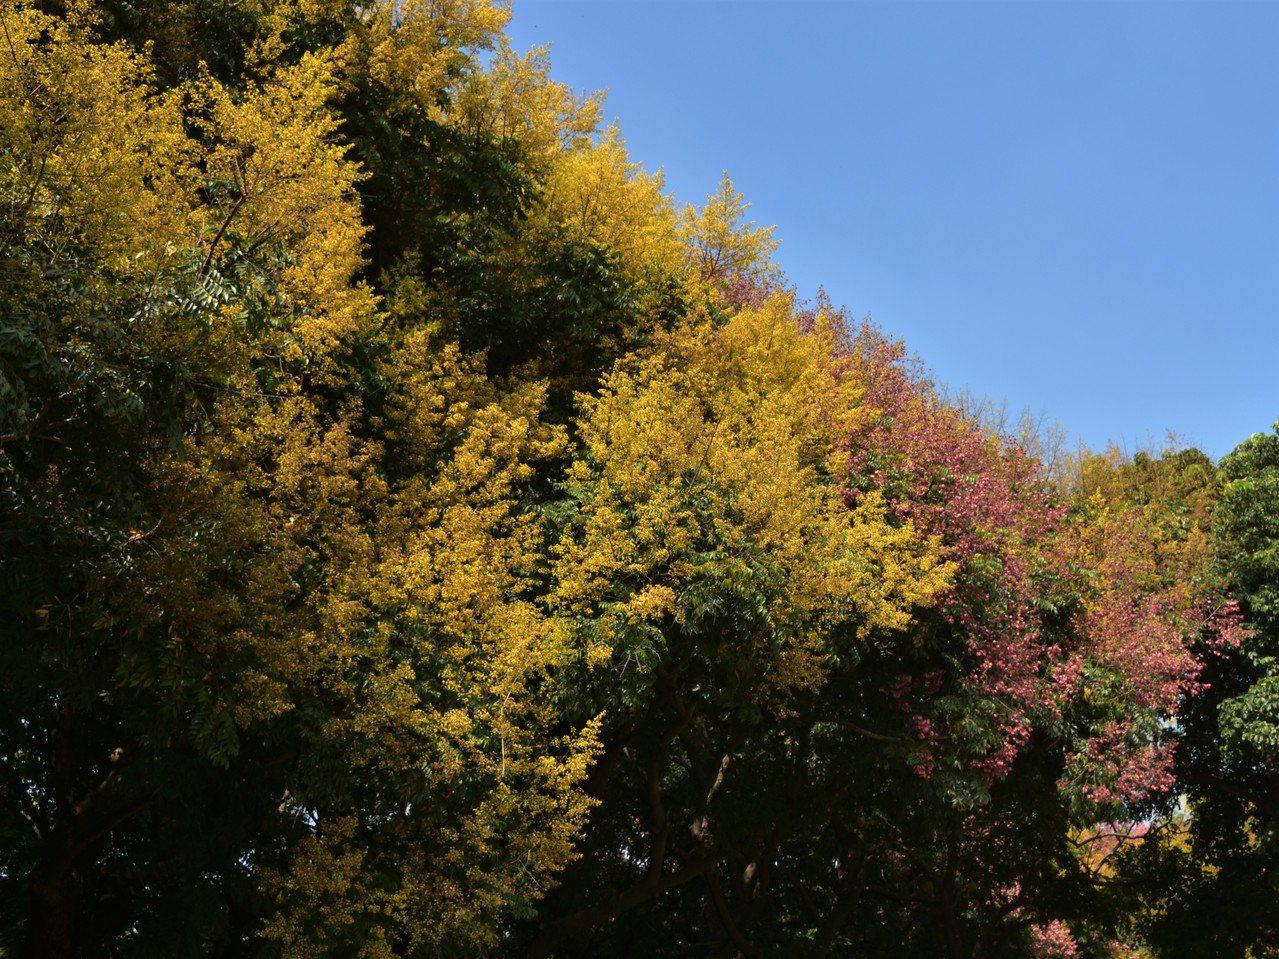 金黄、粉紅織成的一道絢麗秋色,排山倒海迎面撲來。 圖/沈正柔 提供